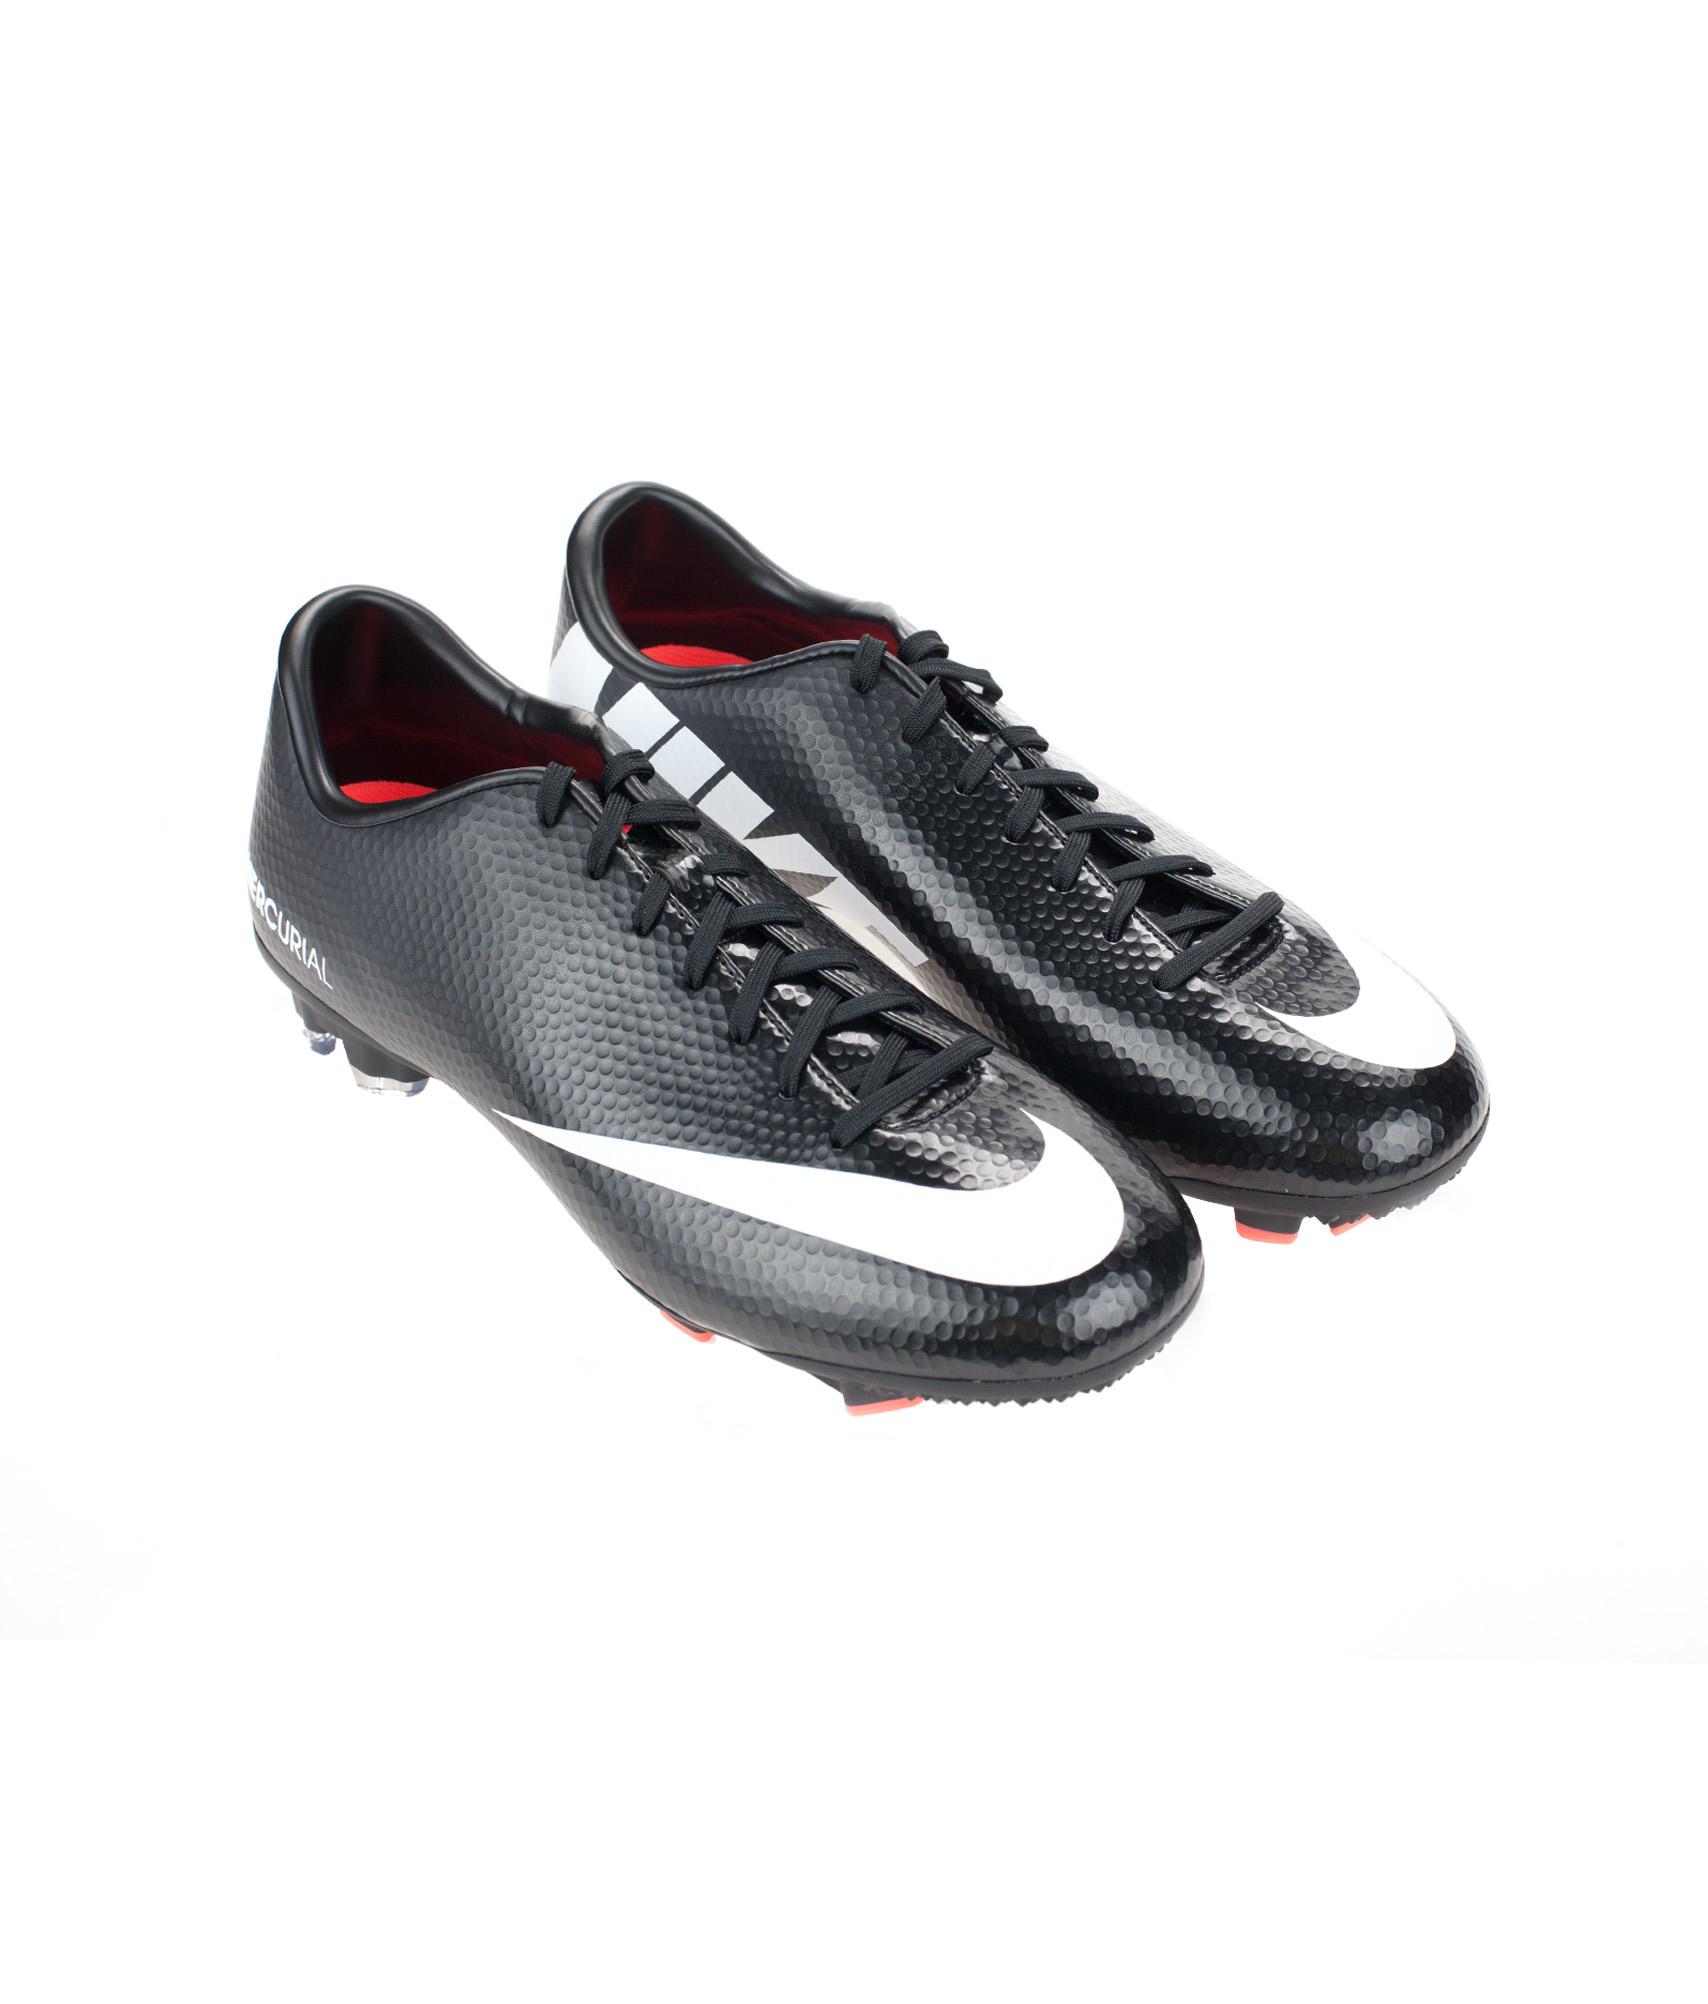 Бутсы Nike MERCURIAL VICTORY IV FG, Цвет-Черный, Размер-9.5